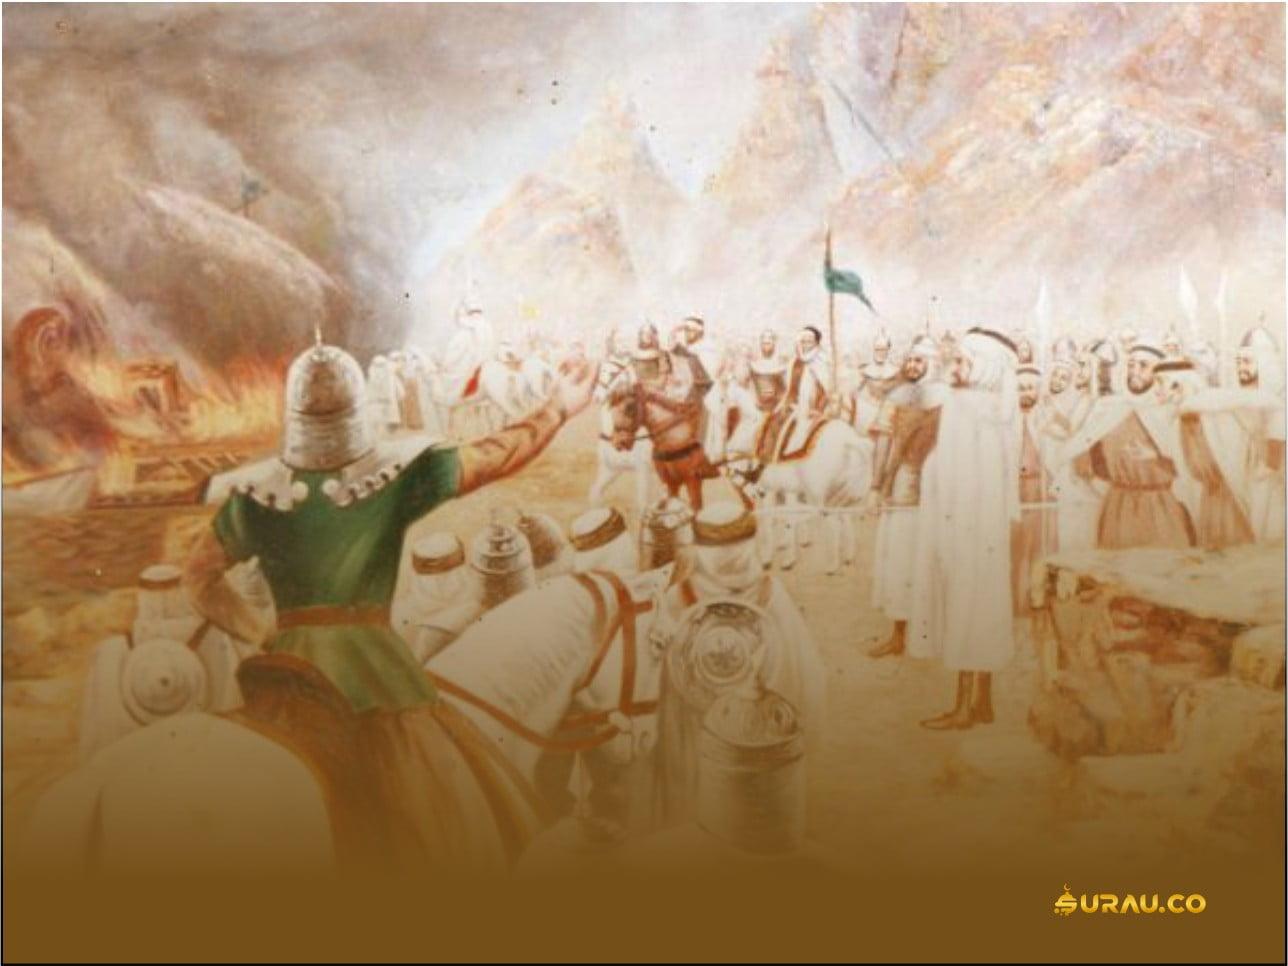 Abdullah bin Rawahah menyulut semangat jihad kaum Muslim - Surau.co